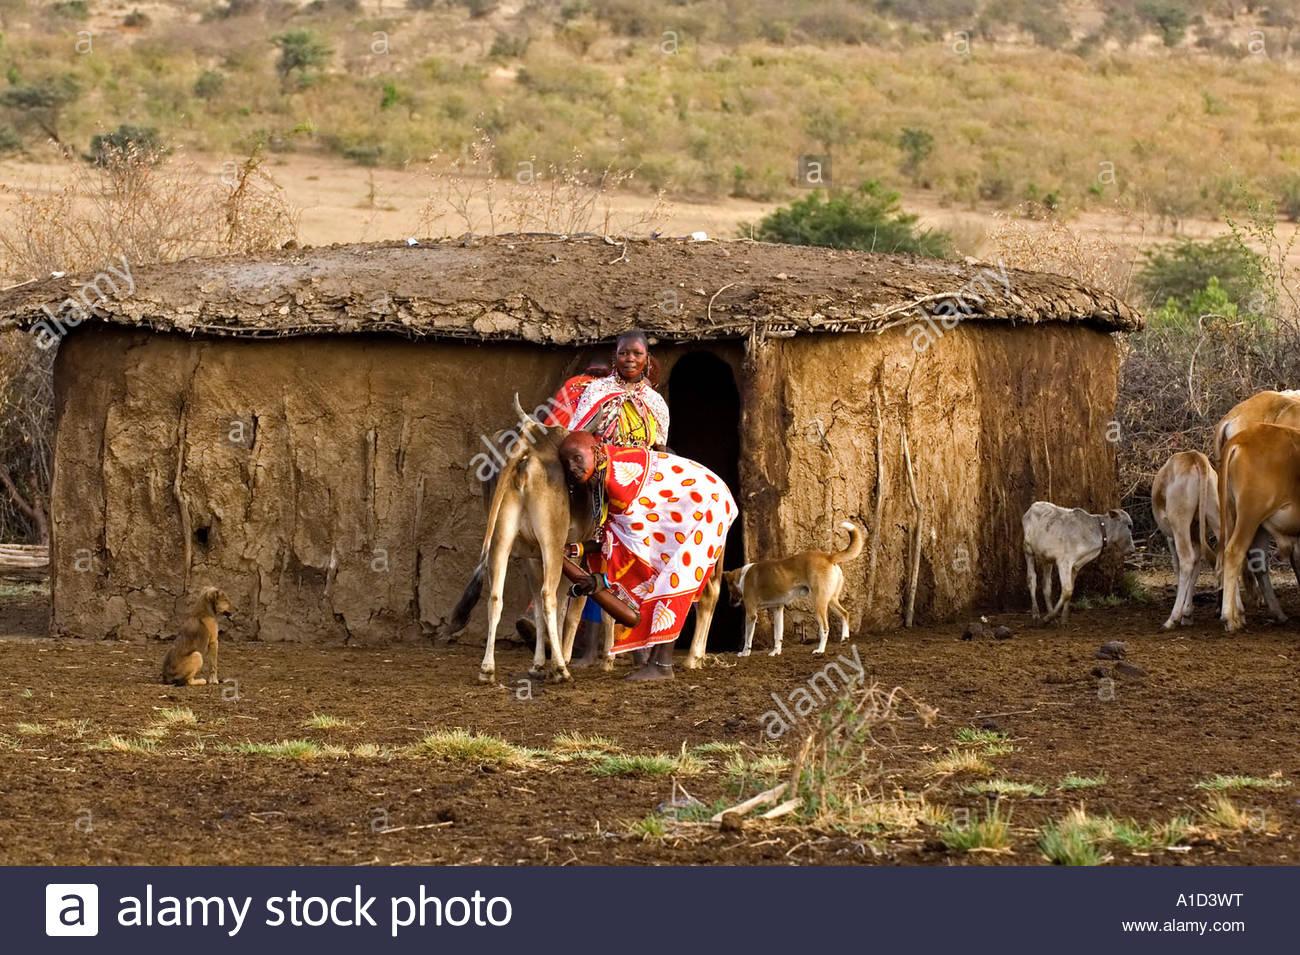 Masai Women In Traditional Dress Milking A Cow Masai Mara